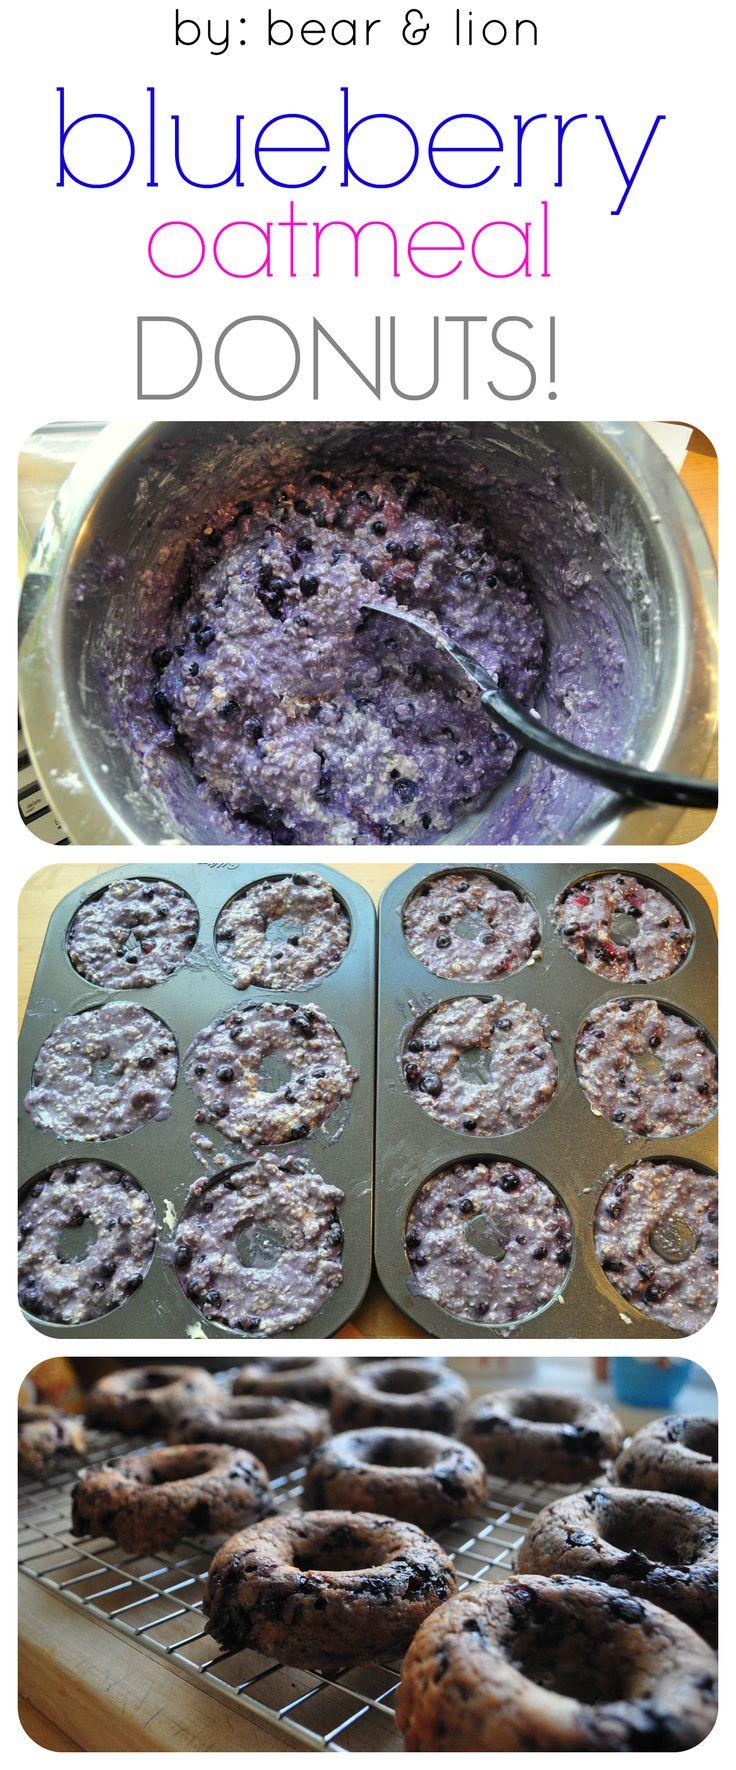 blueberry donuts, donuts, healthy treats #recipe